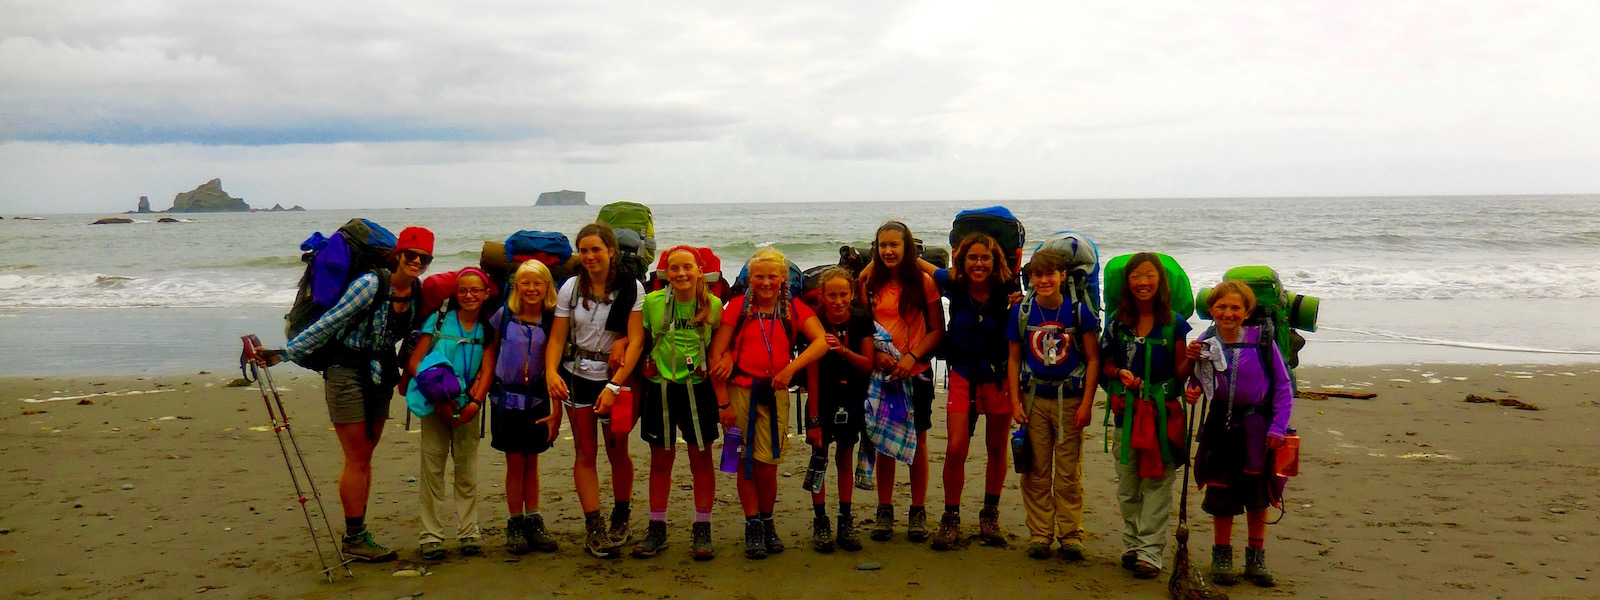 Girls Summer Camp Packing List